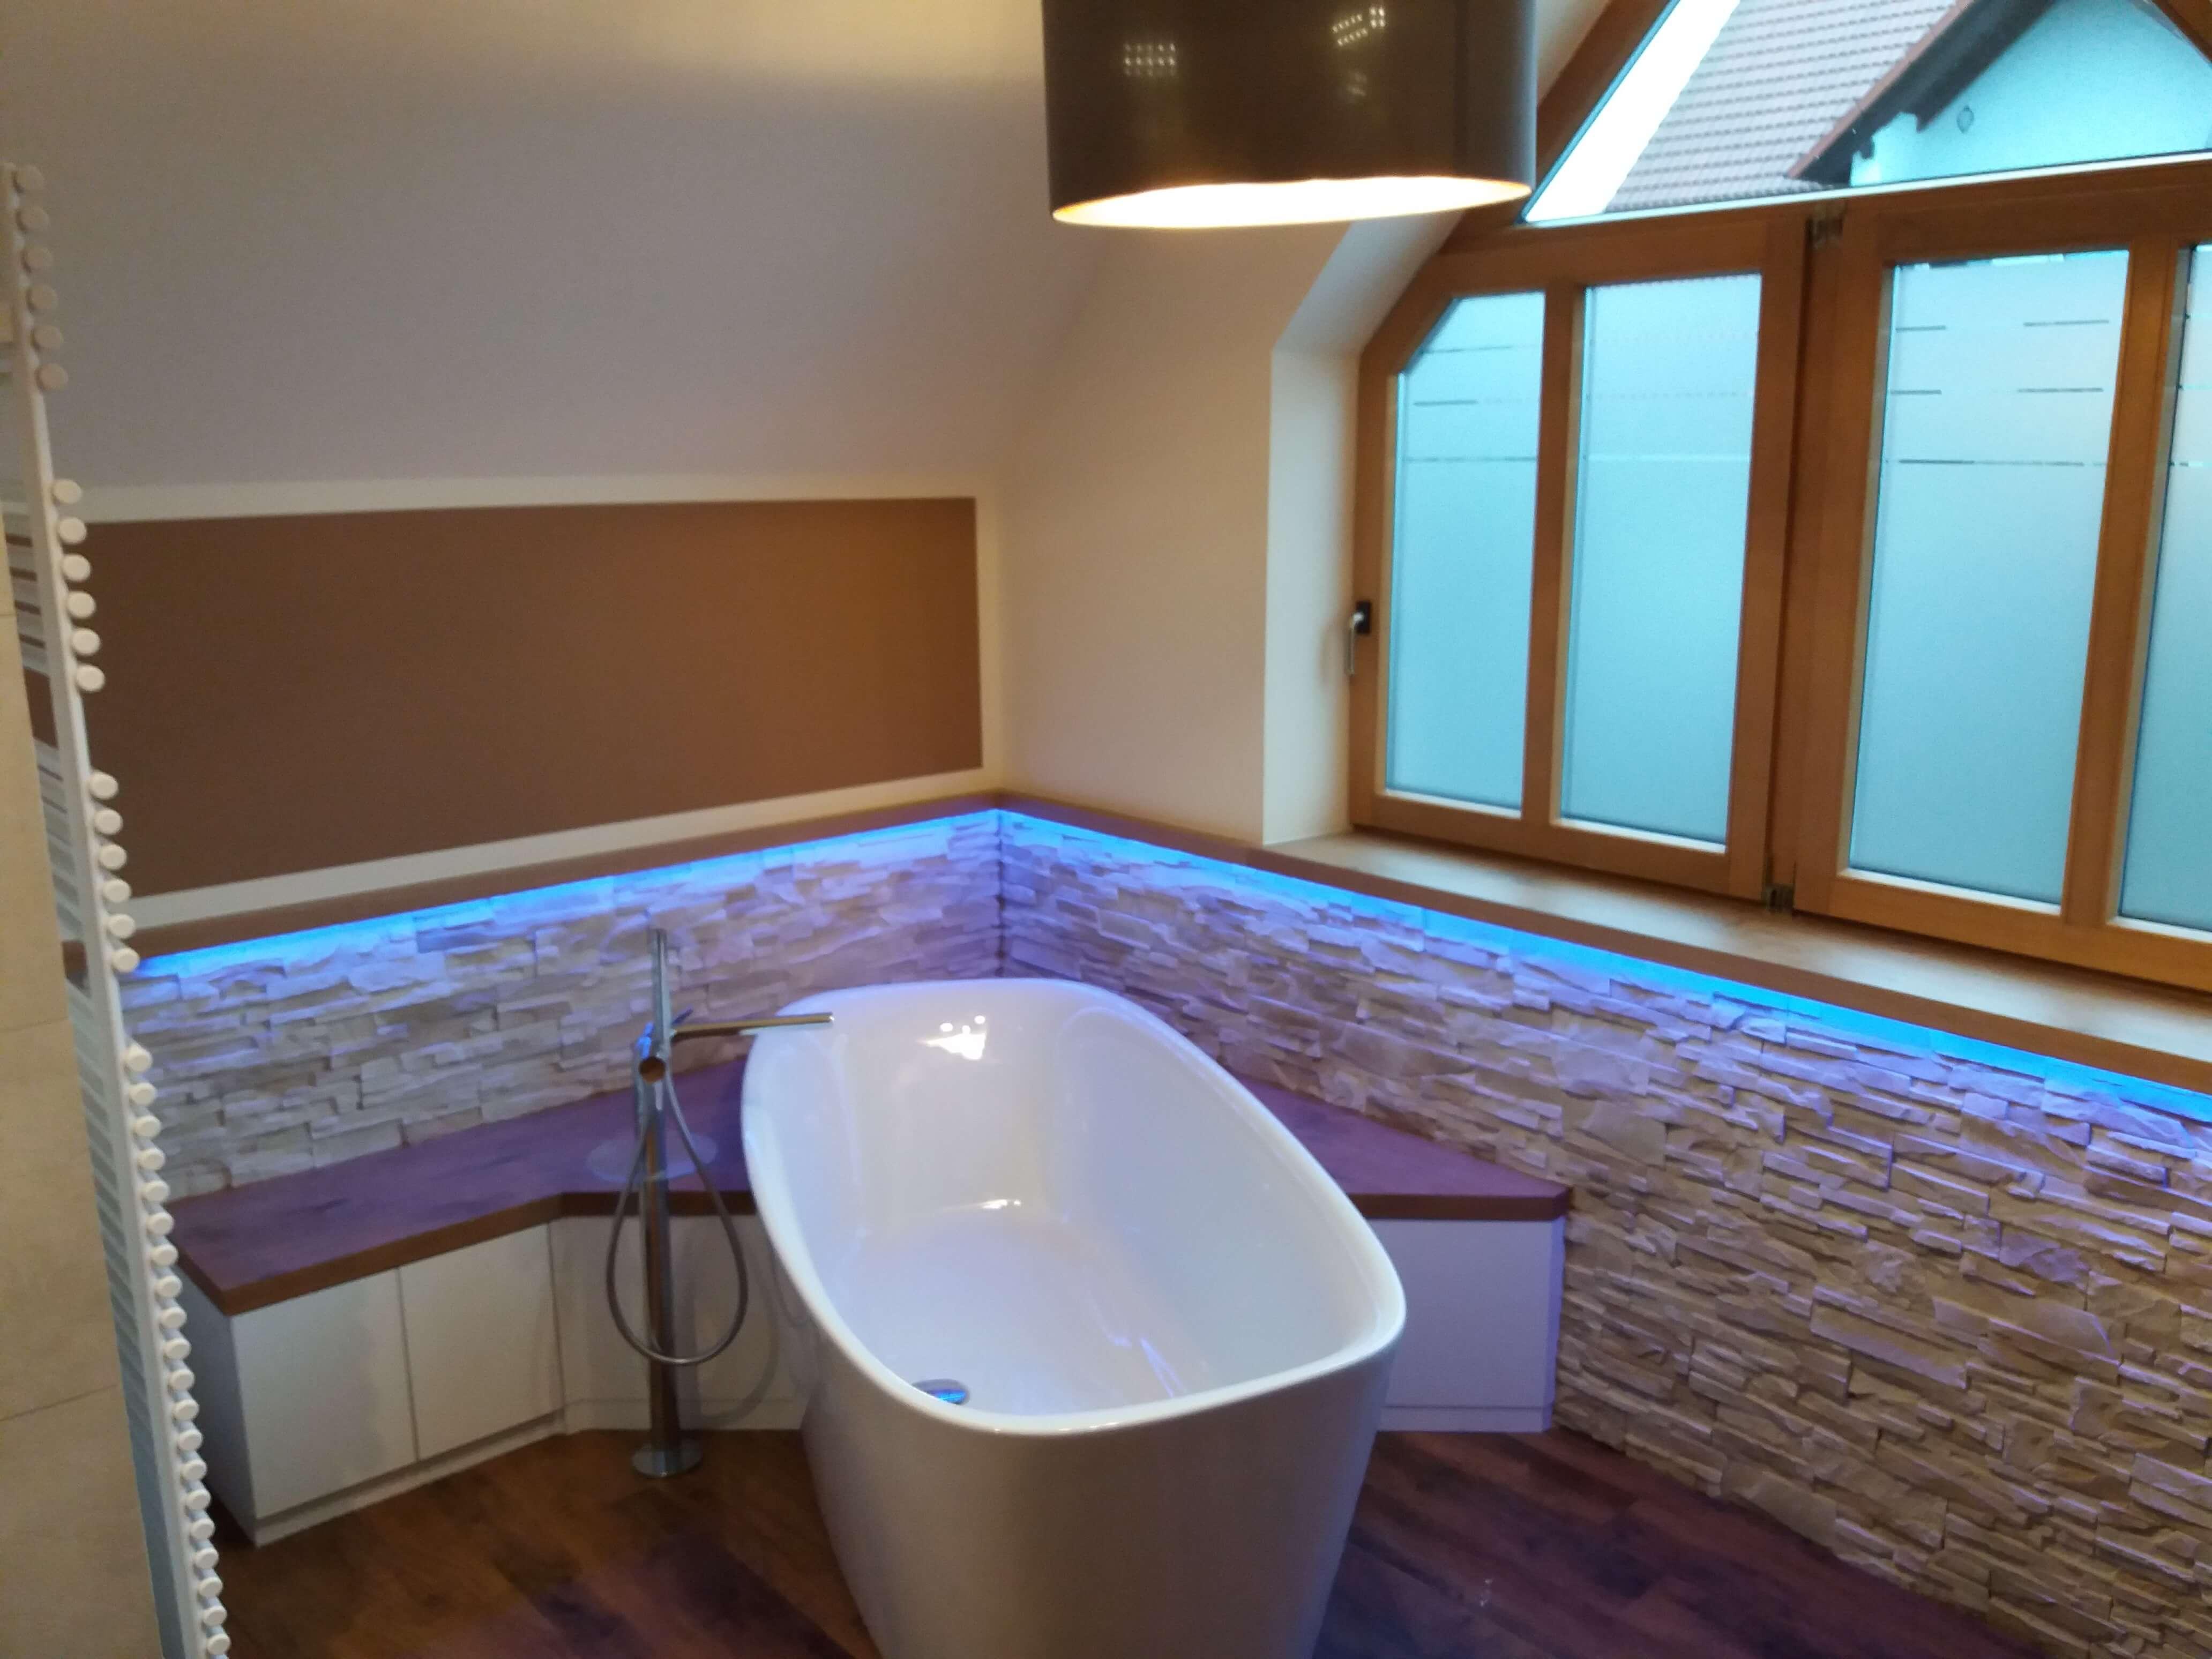 Badezimmer Badewanne vor Steinwand mit LED-Beleuchtung